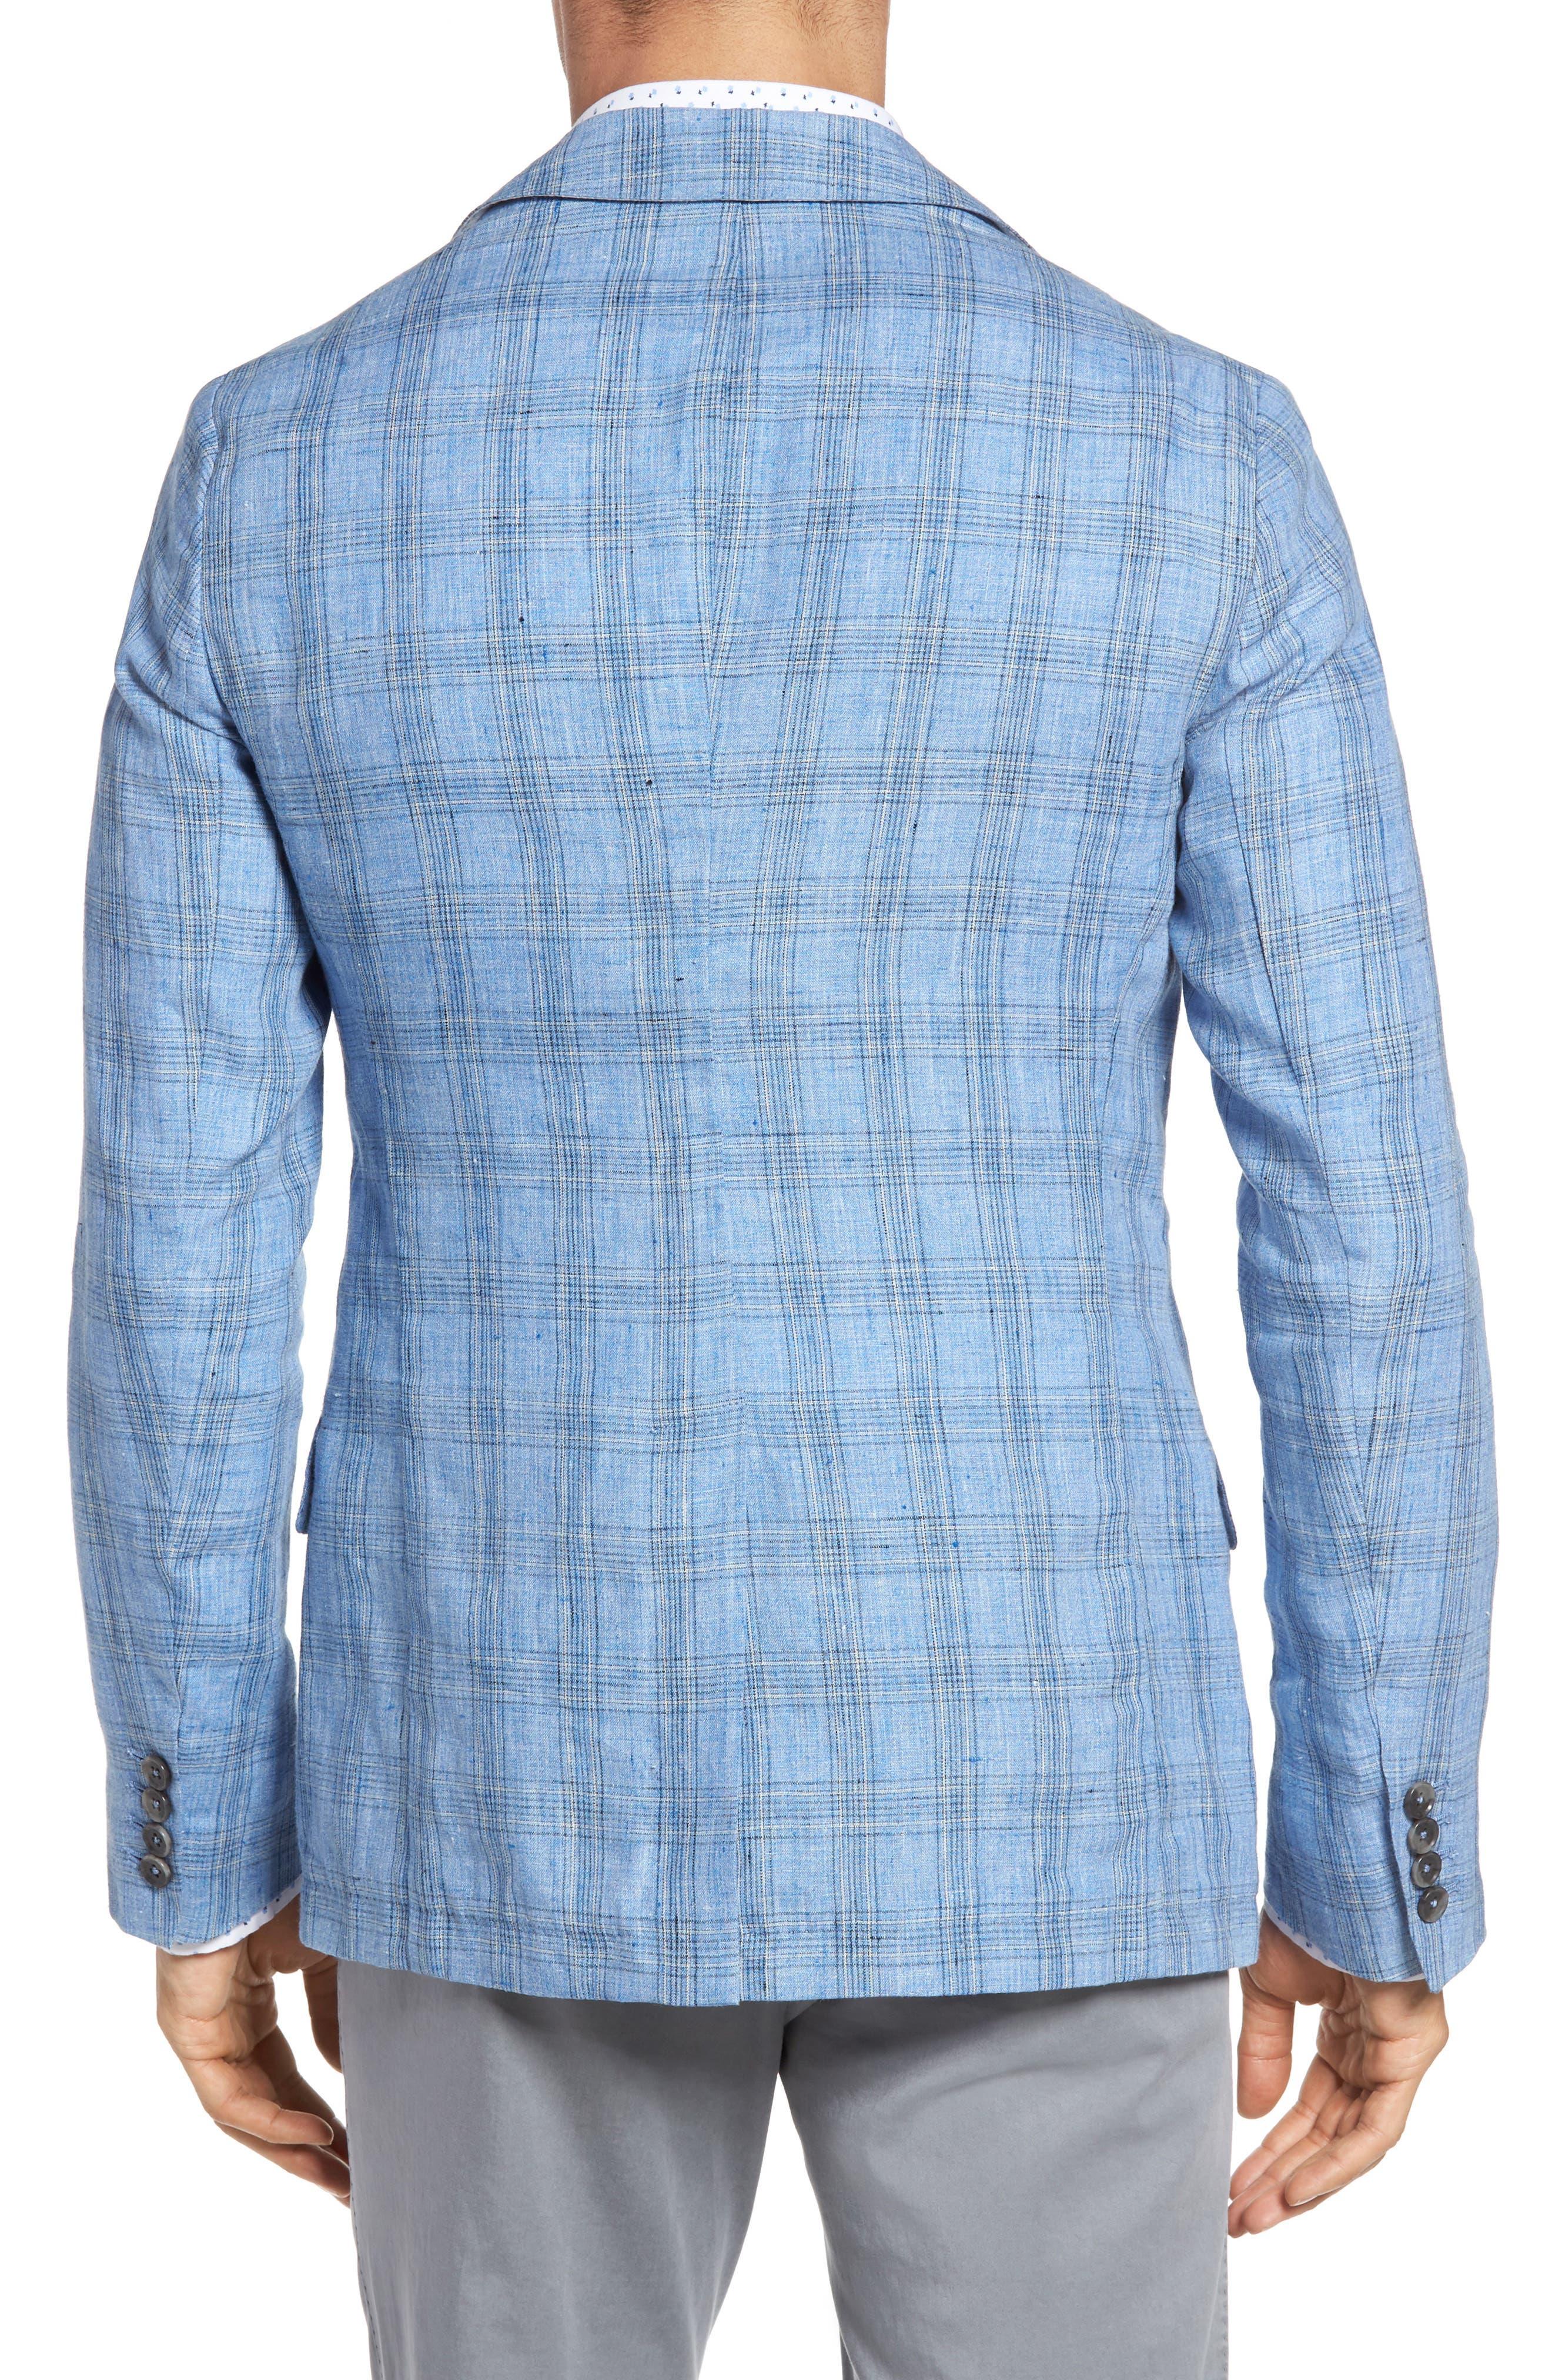 Laxus Plaid Linen Sport Coat,                             Alternate thumbnail 2, color,                             Light Blue